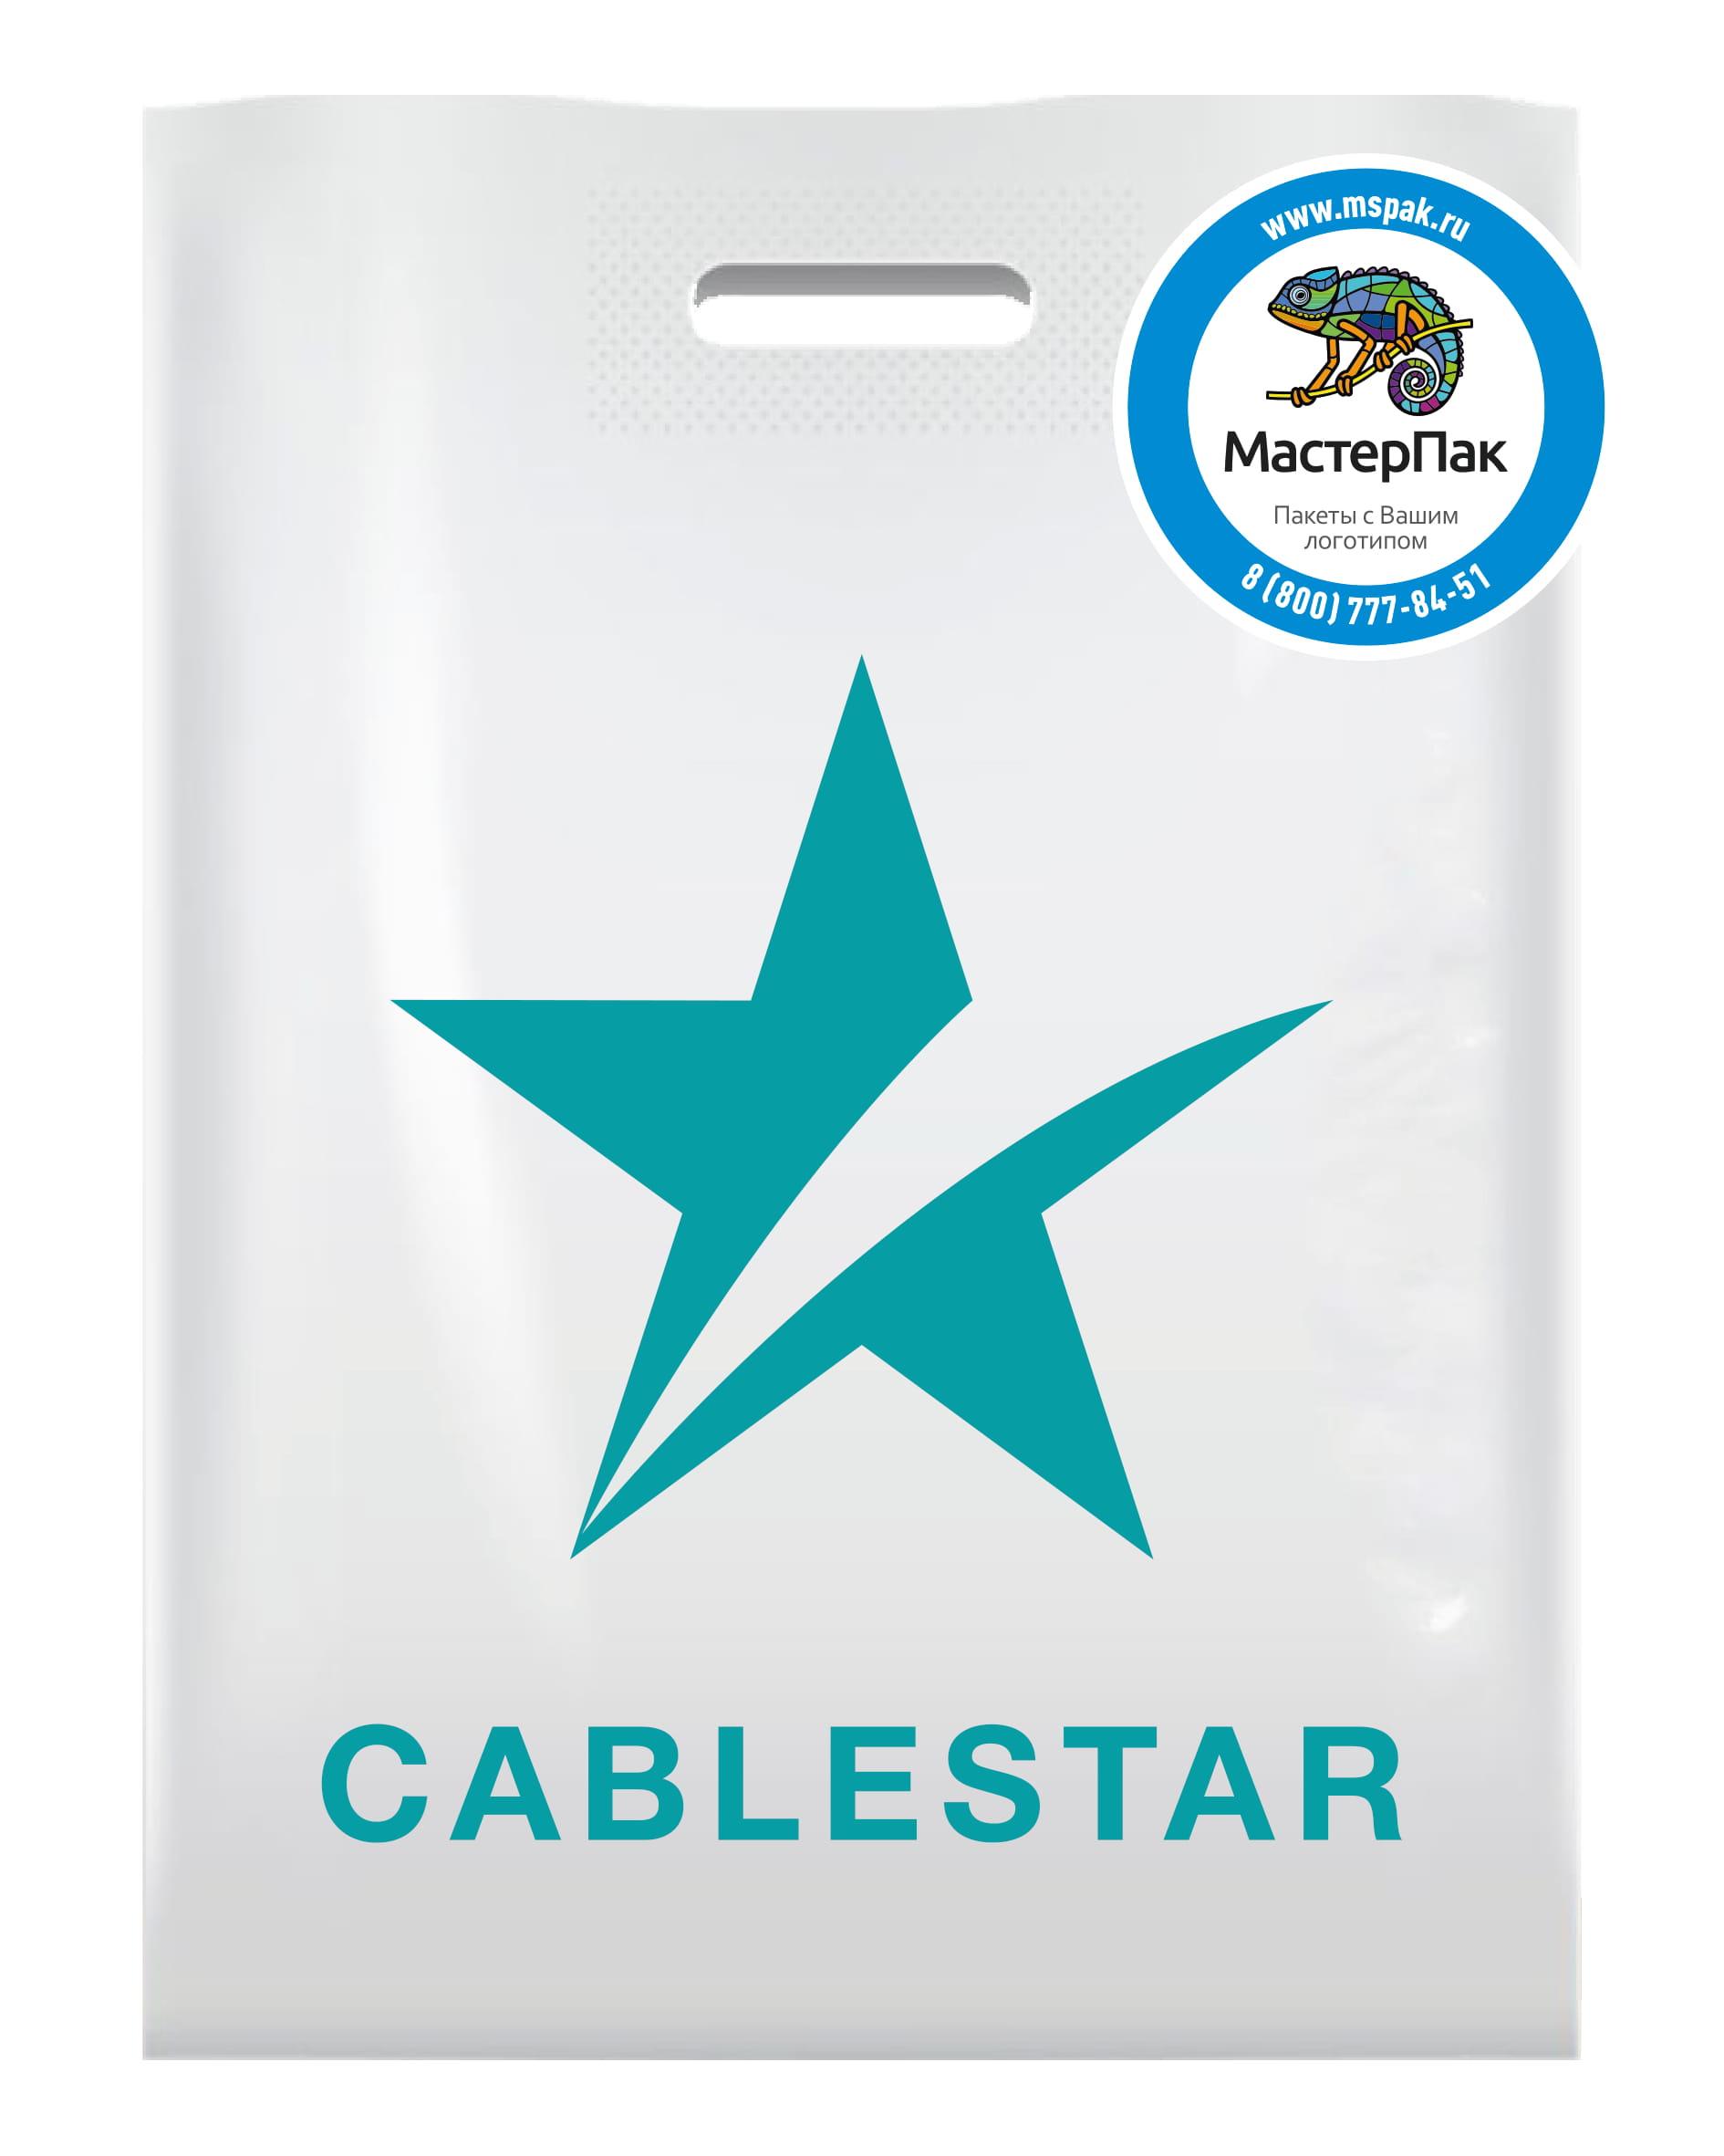 Пакет ПВД с логотипом Cablestar и вырубной ручкой, белый, 70 мкм, 36*45